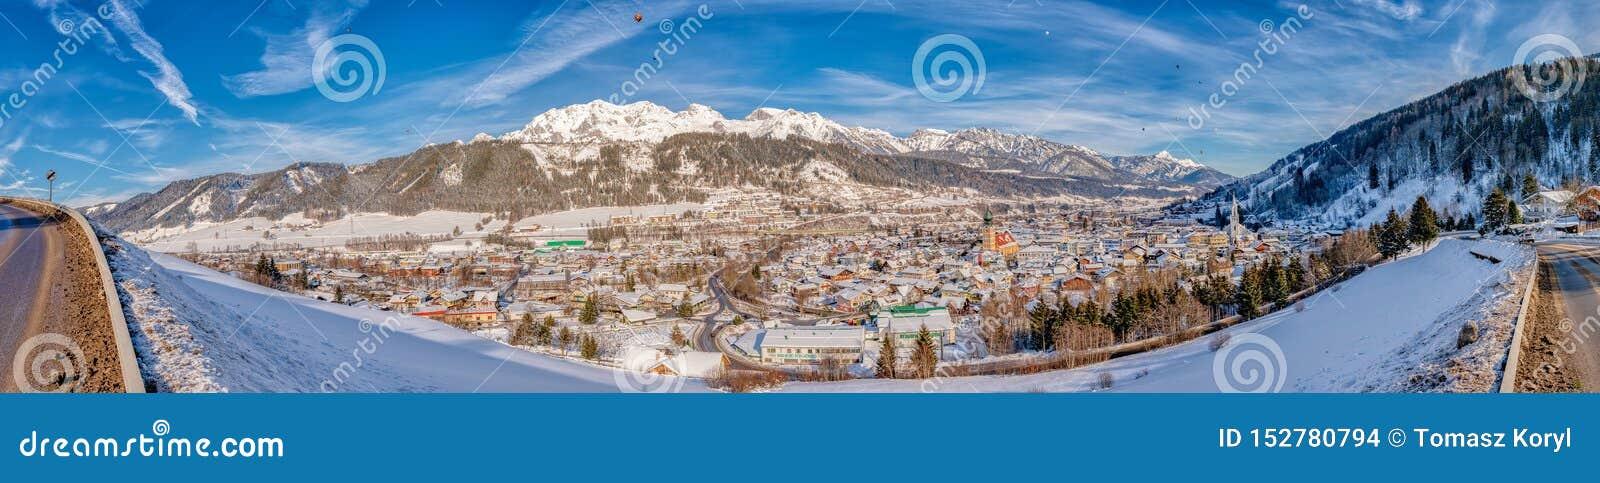 Vista panorámica de globos y de montañas coronadas de nieve sobre Schladming, Austria